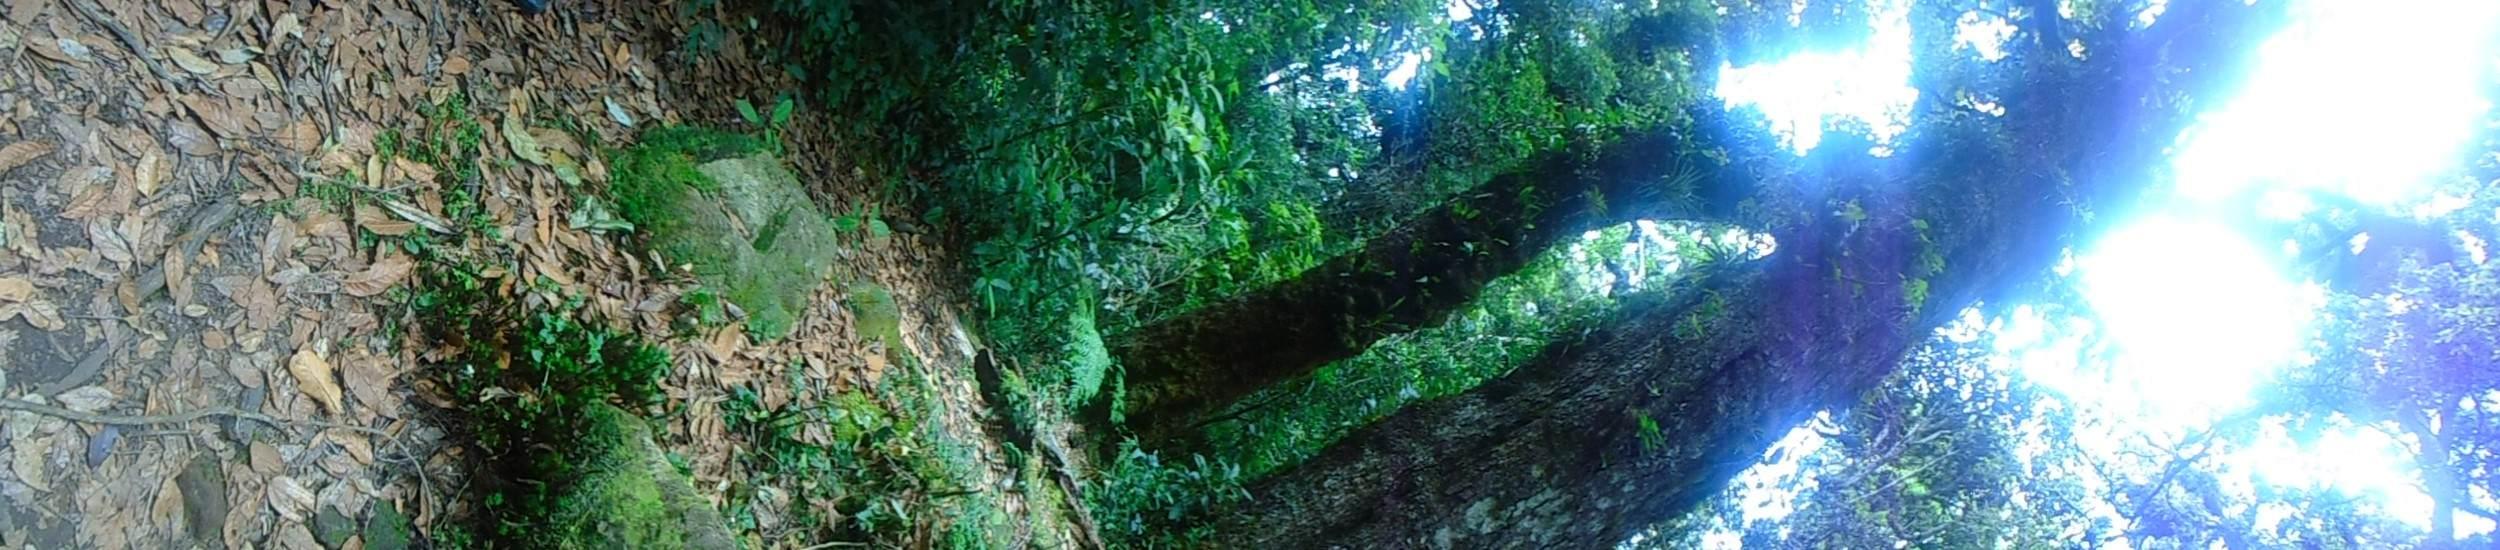 3 el bosque nebuloso (Custom)